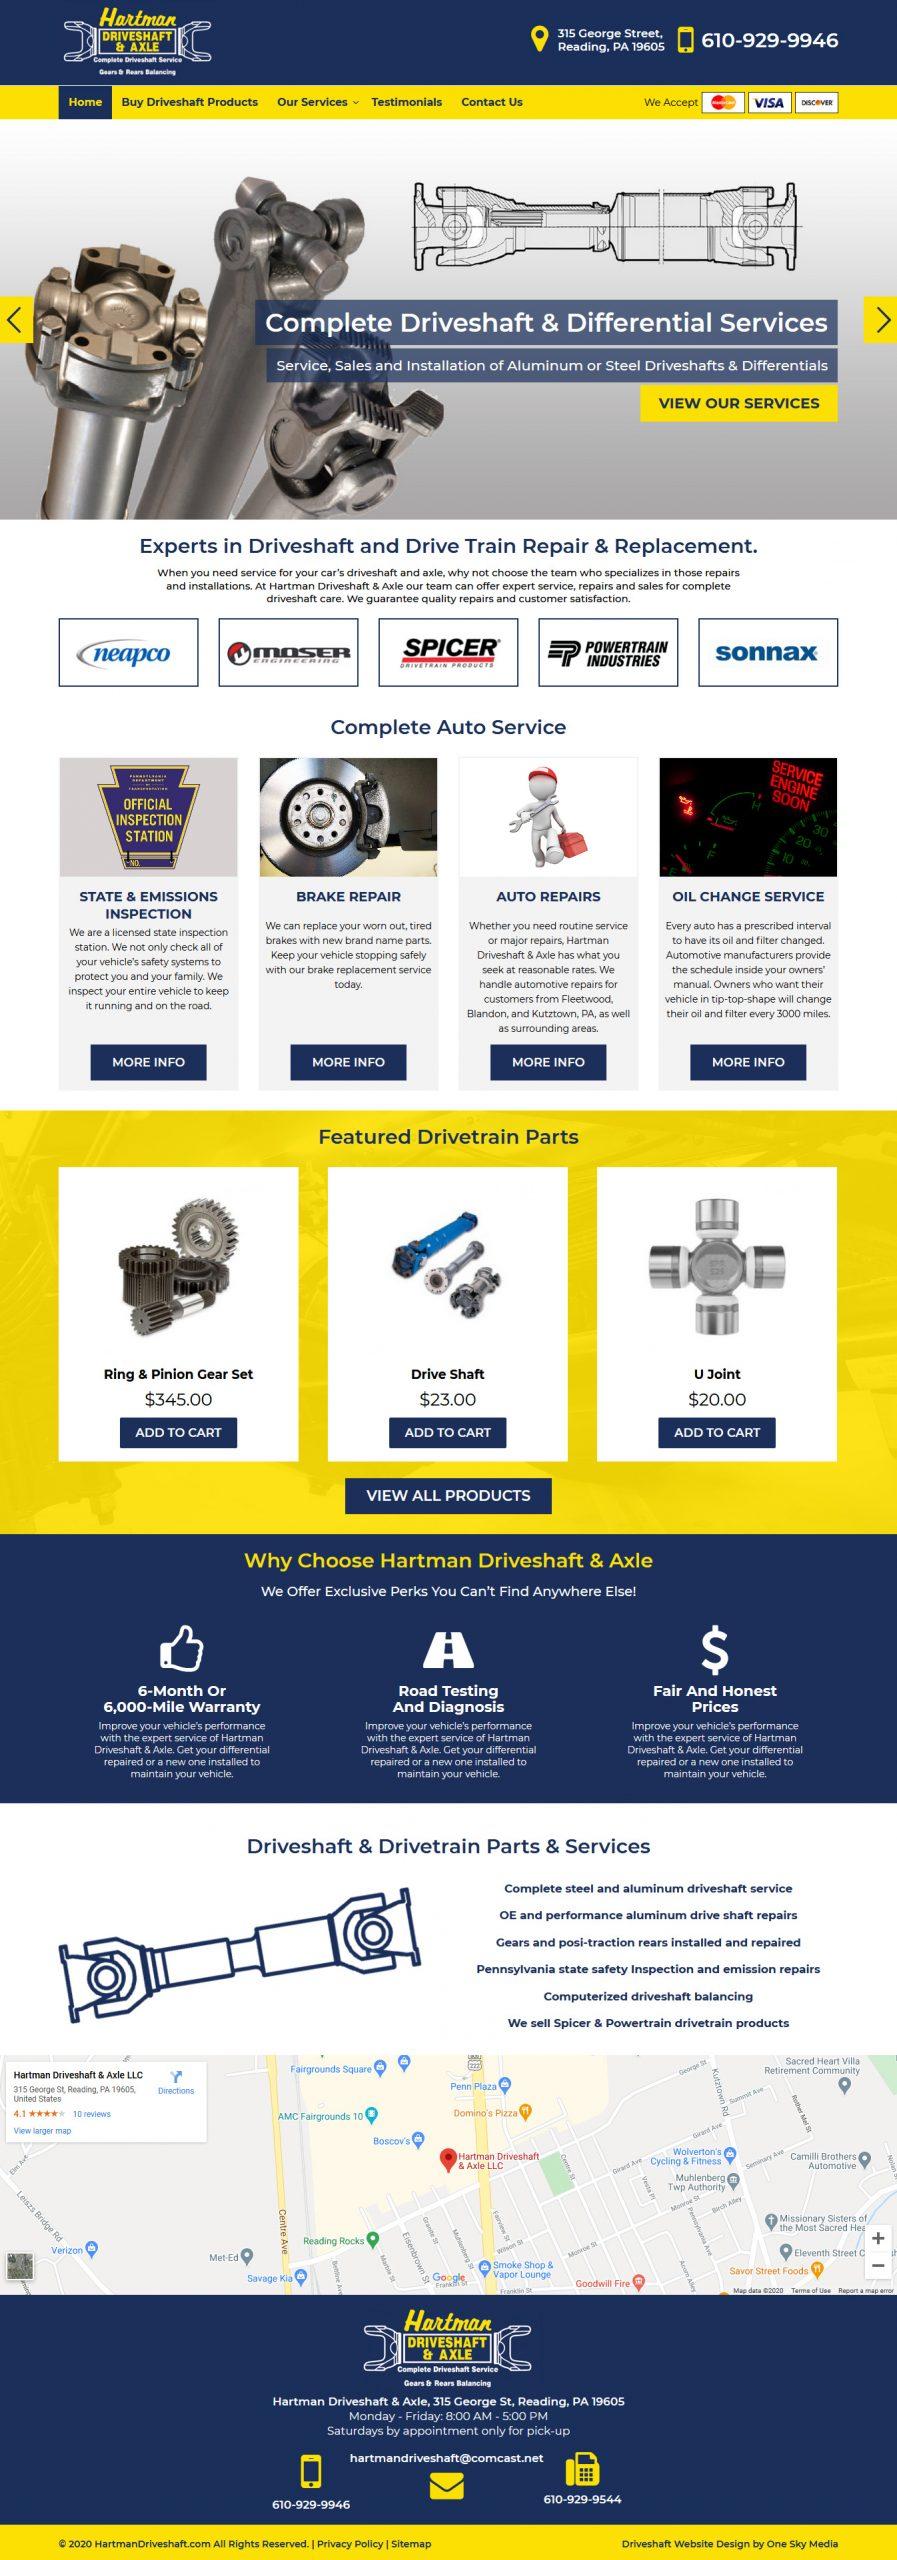 Hartman Driveshaft & Axle Website Design